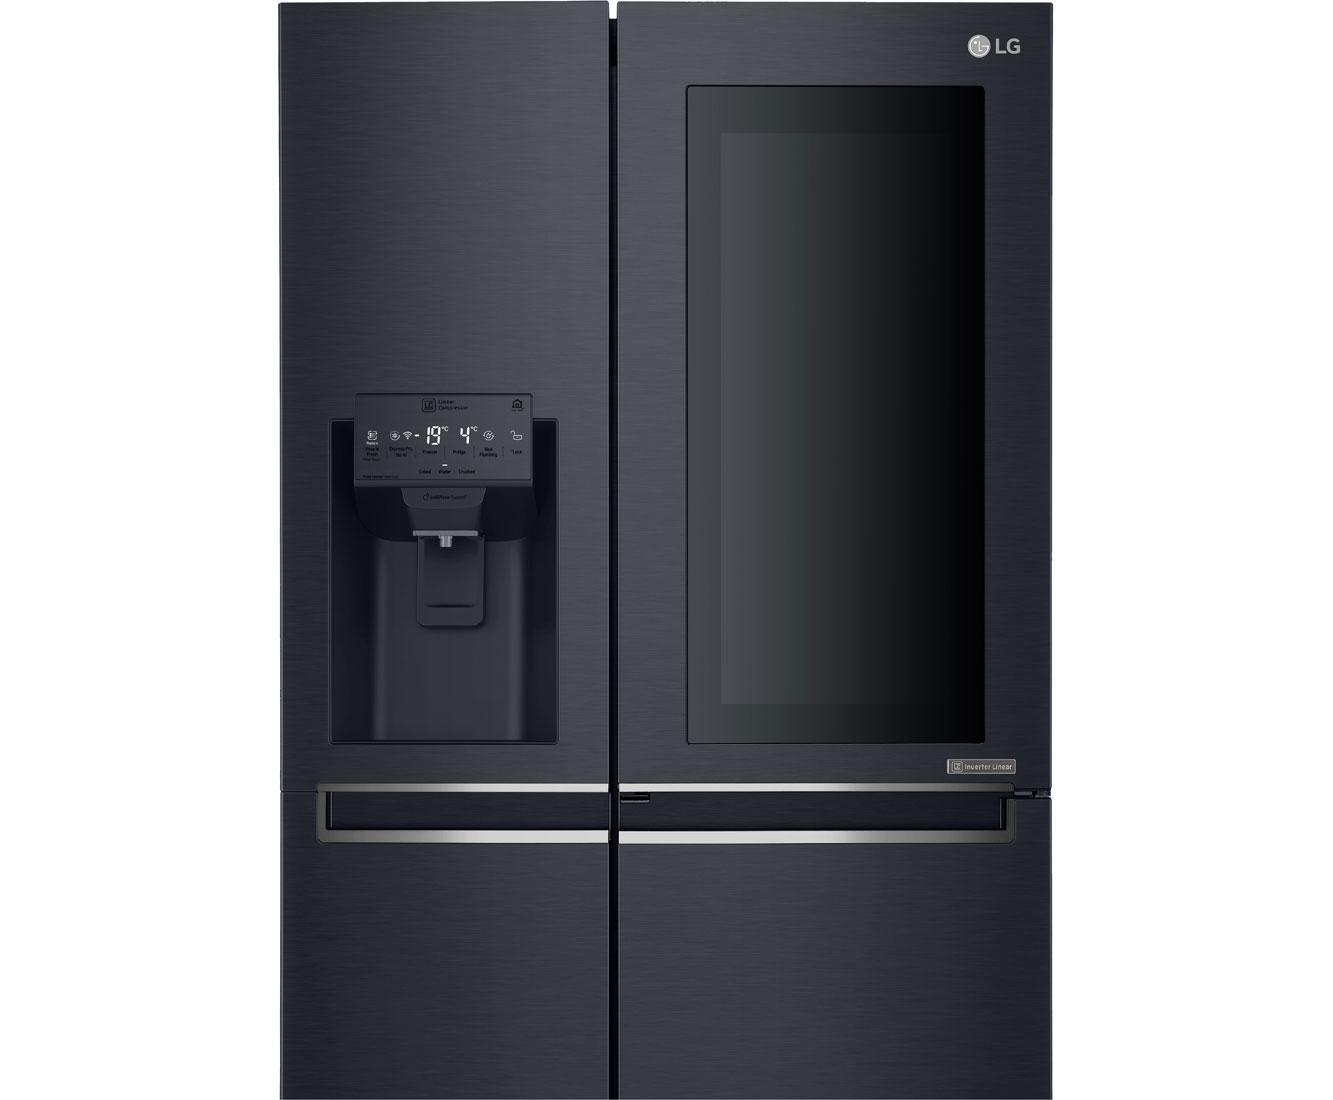 Amerikanischer Kühlschrank Schwarz : Amerikanischer kühlschrank schwarz: kühlschrank door haier french